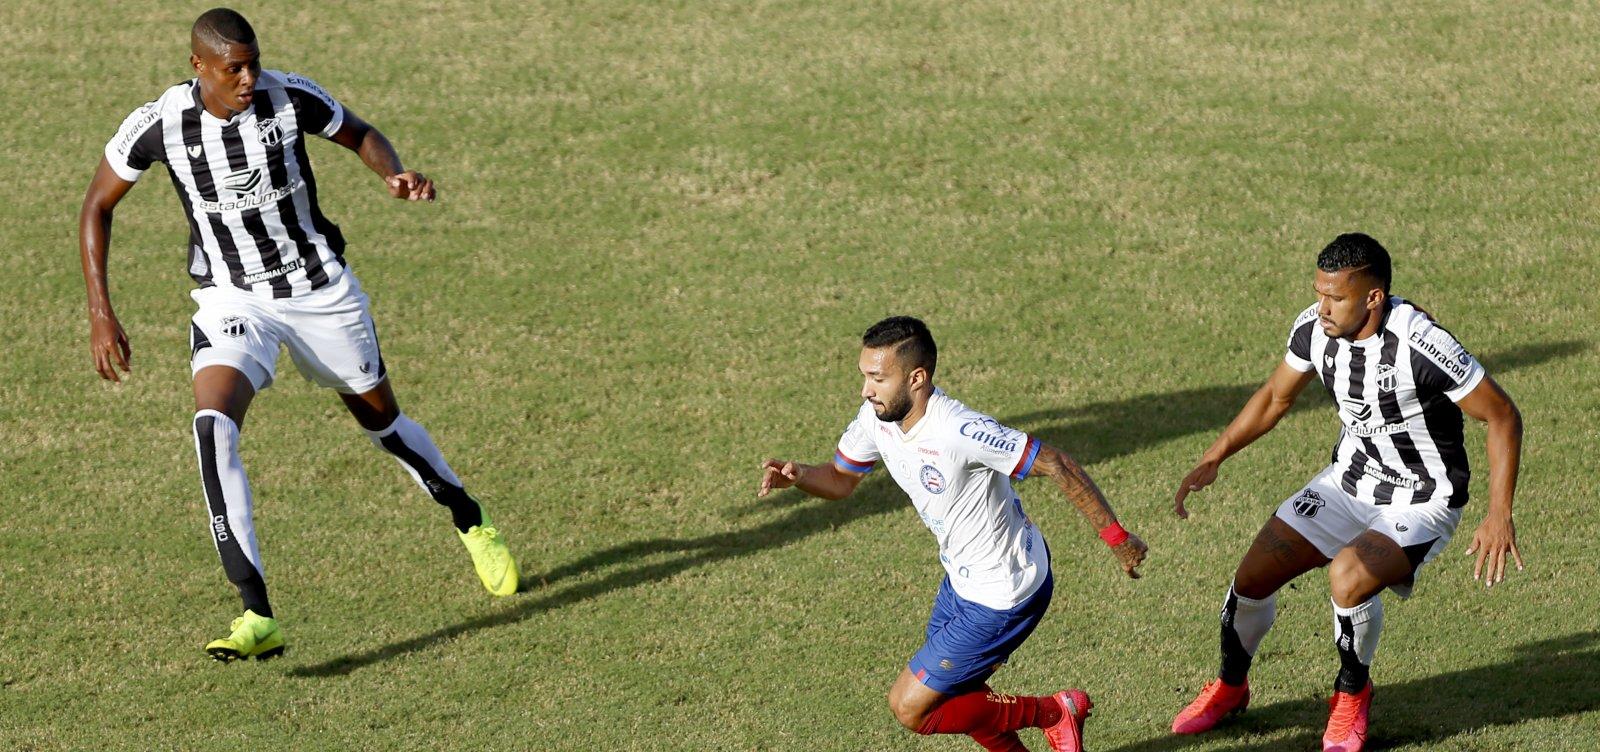 Bahia perde por 3 a 1 para o Ceará e fica em desvantagem na final do Nordestão